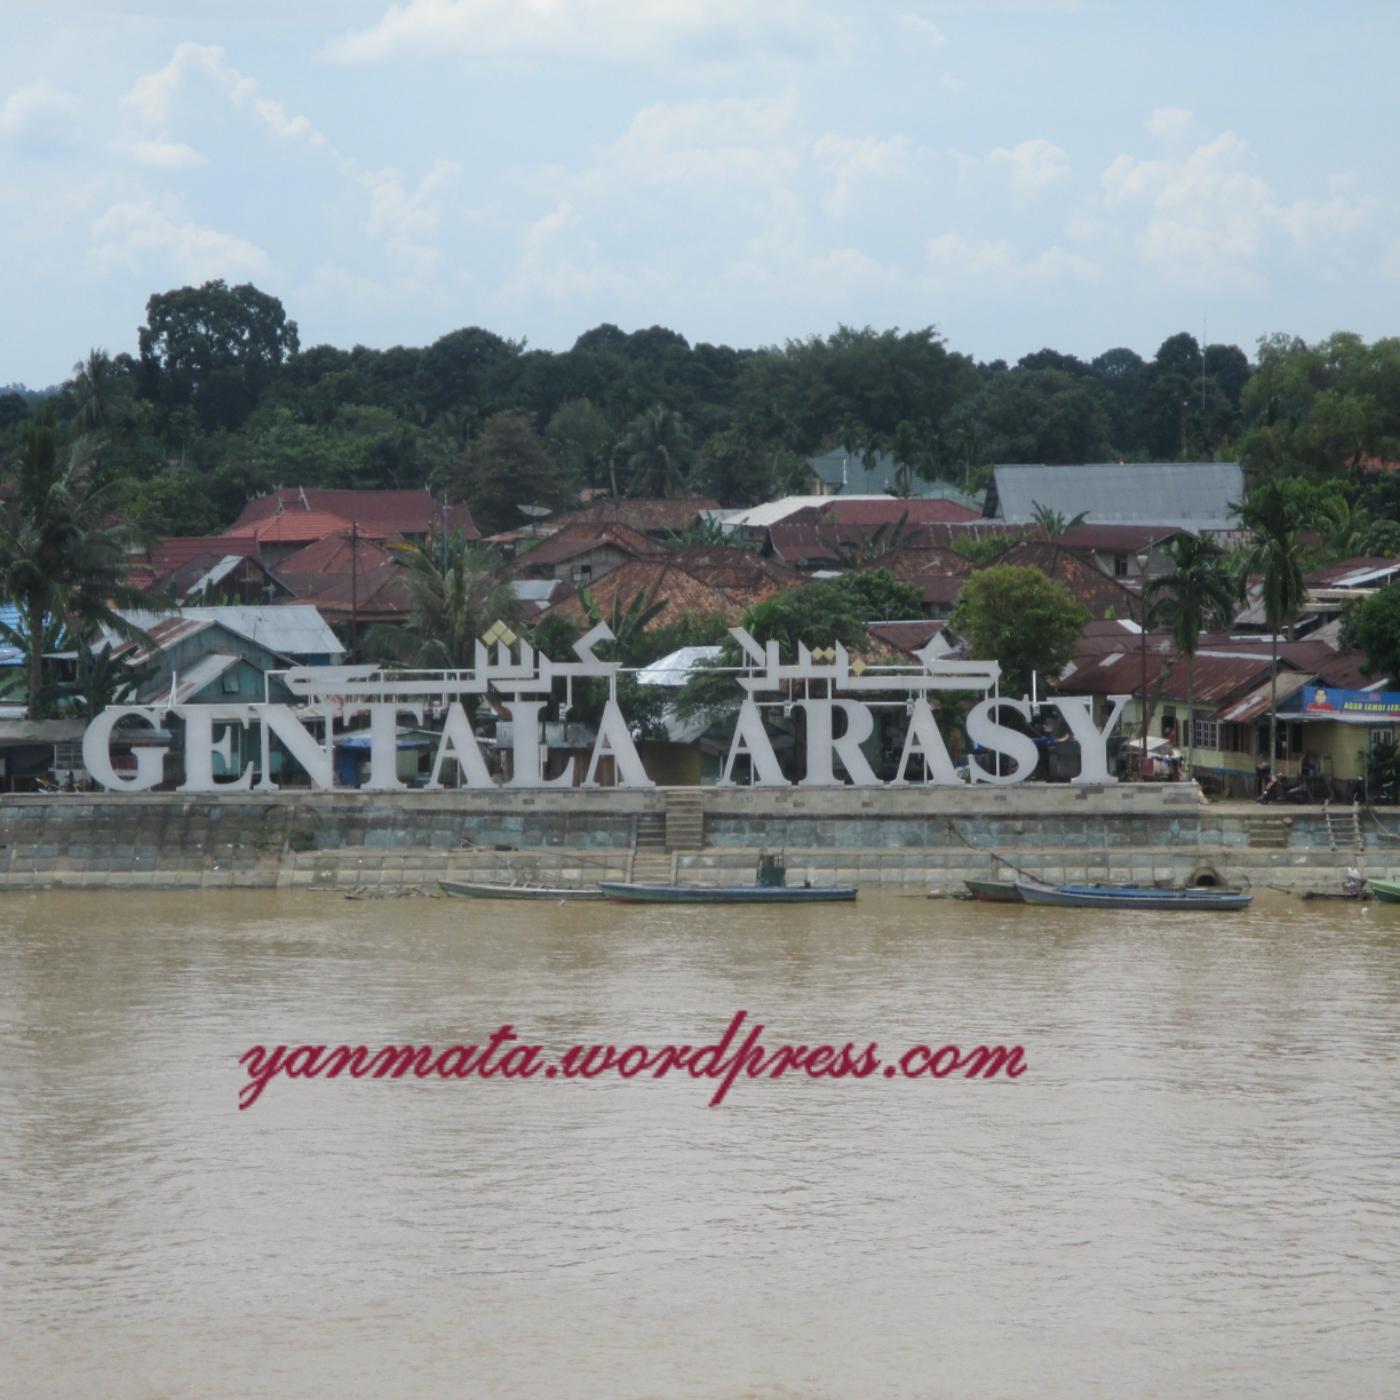 Galery Foto Jembatan Gantung Pedestrian Menara Gentala Img 20150415 095349